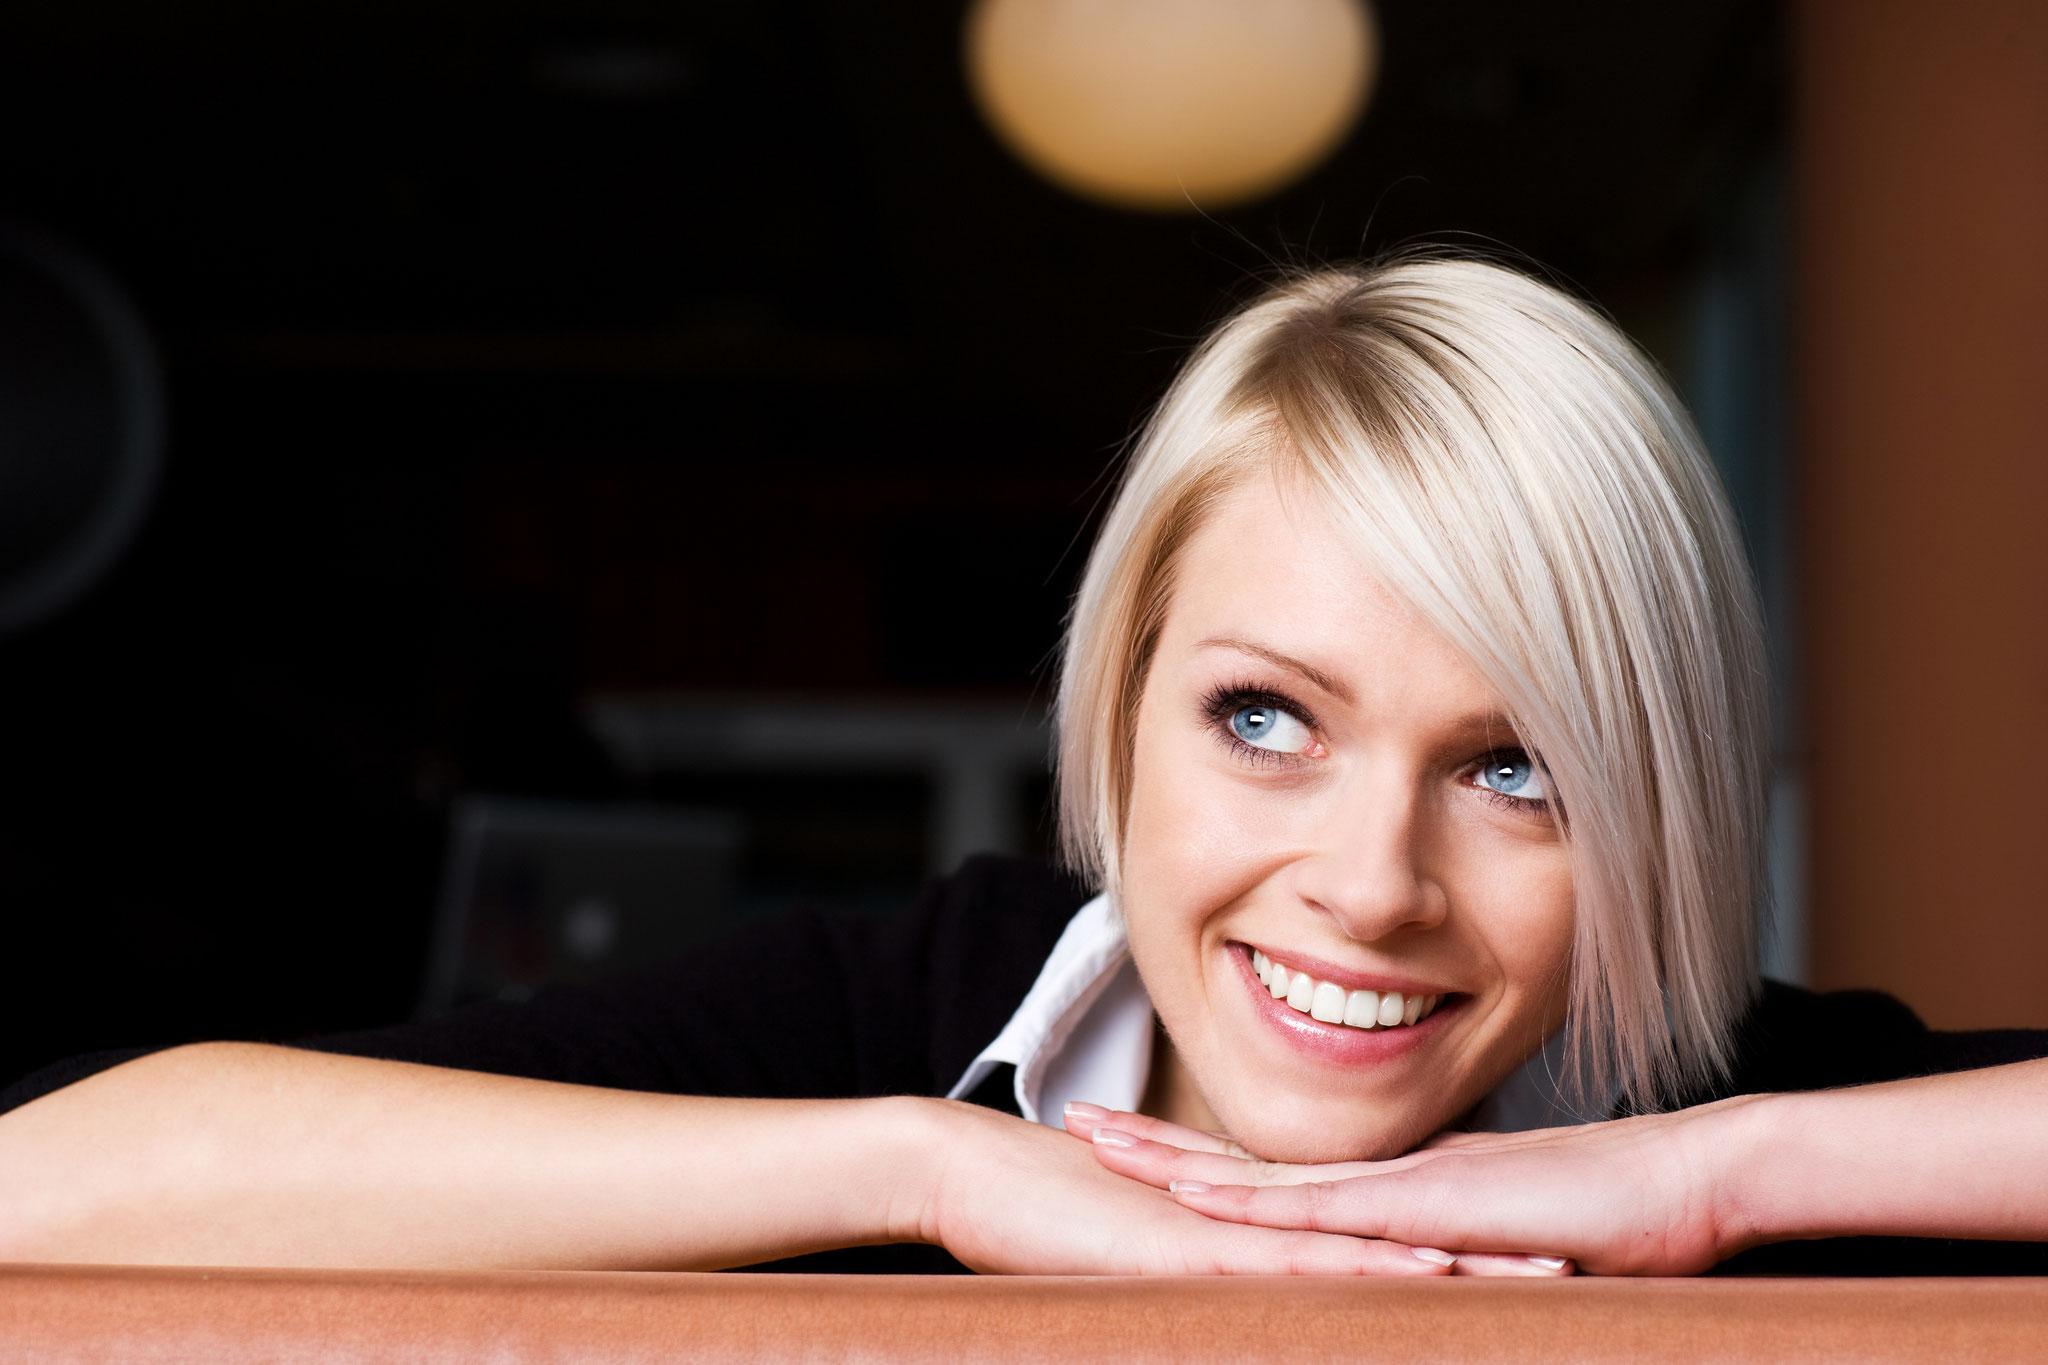 Zahnersatzversicherung? Wir sichern Ihre schönstes Lächeln.